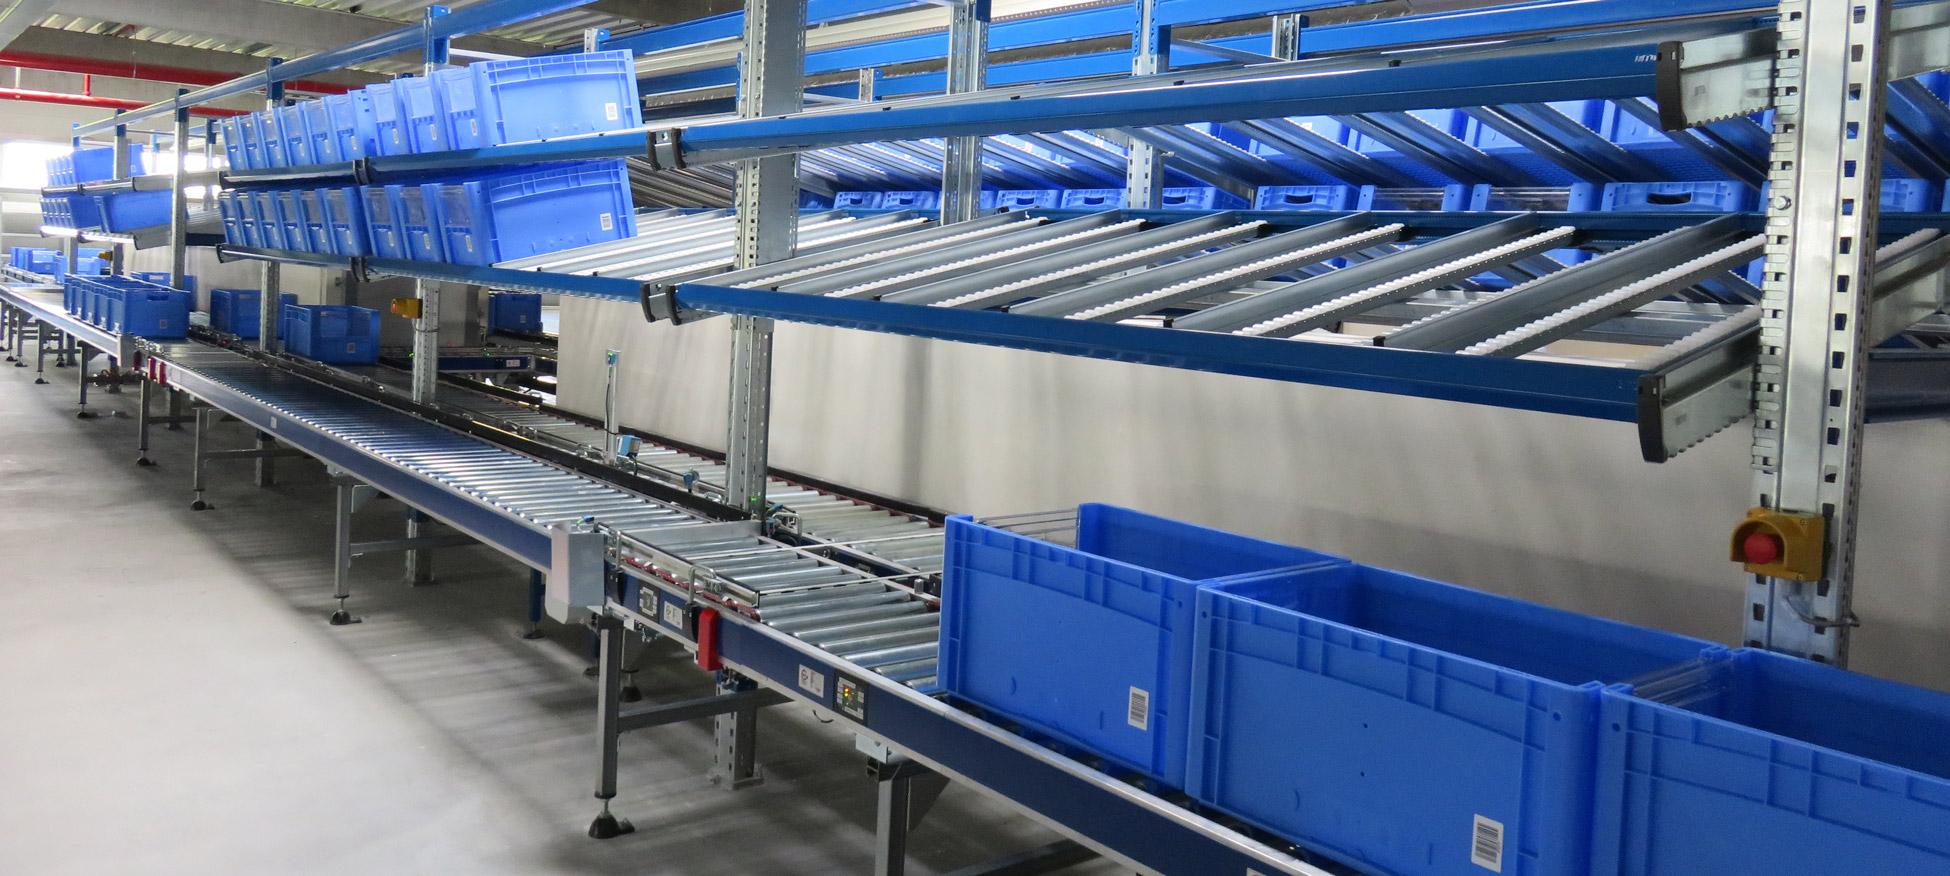 Rollenbahn-Logistikzentrum-Maier-Intraplan-02